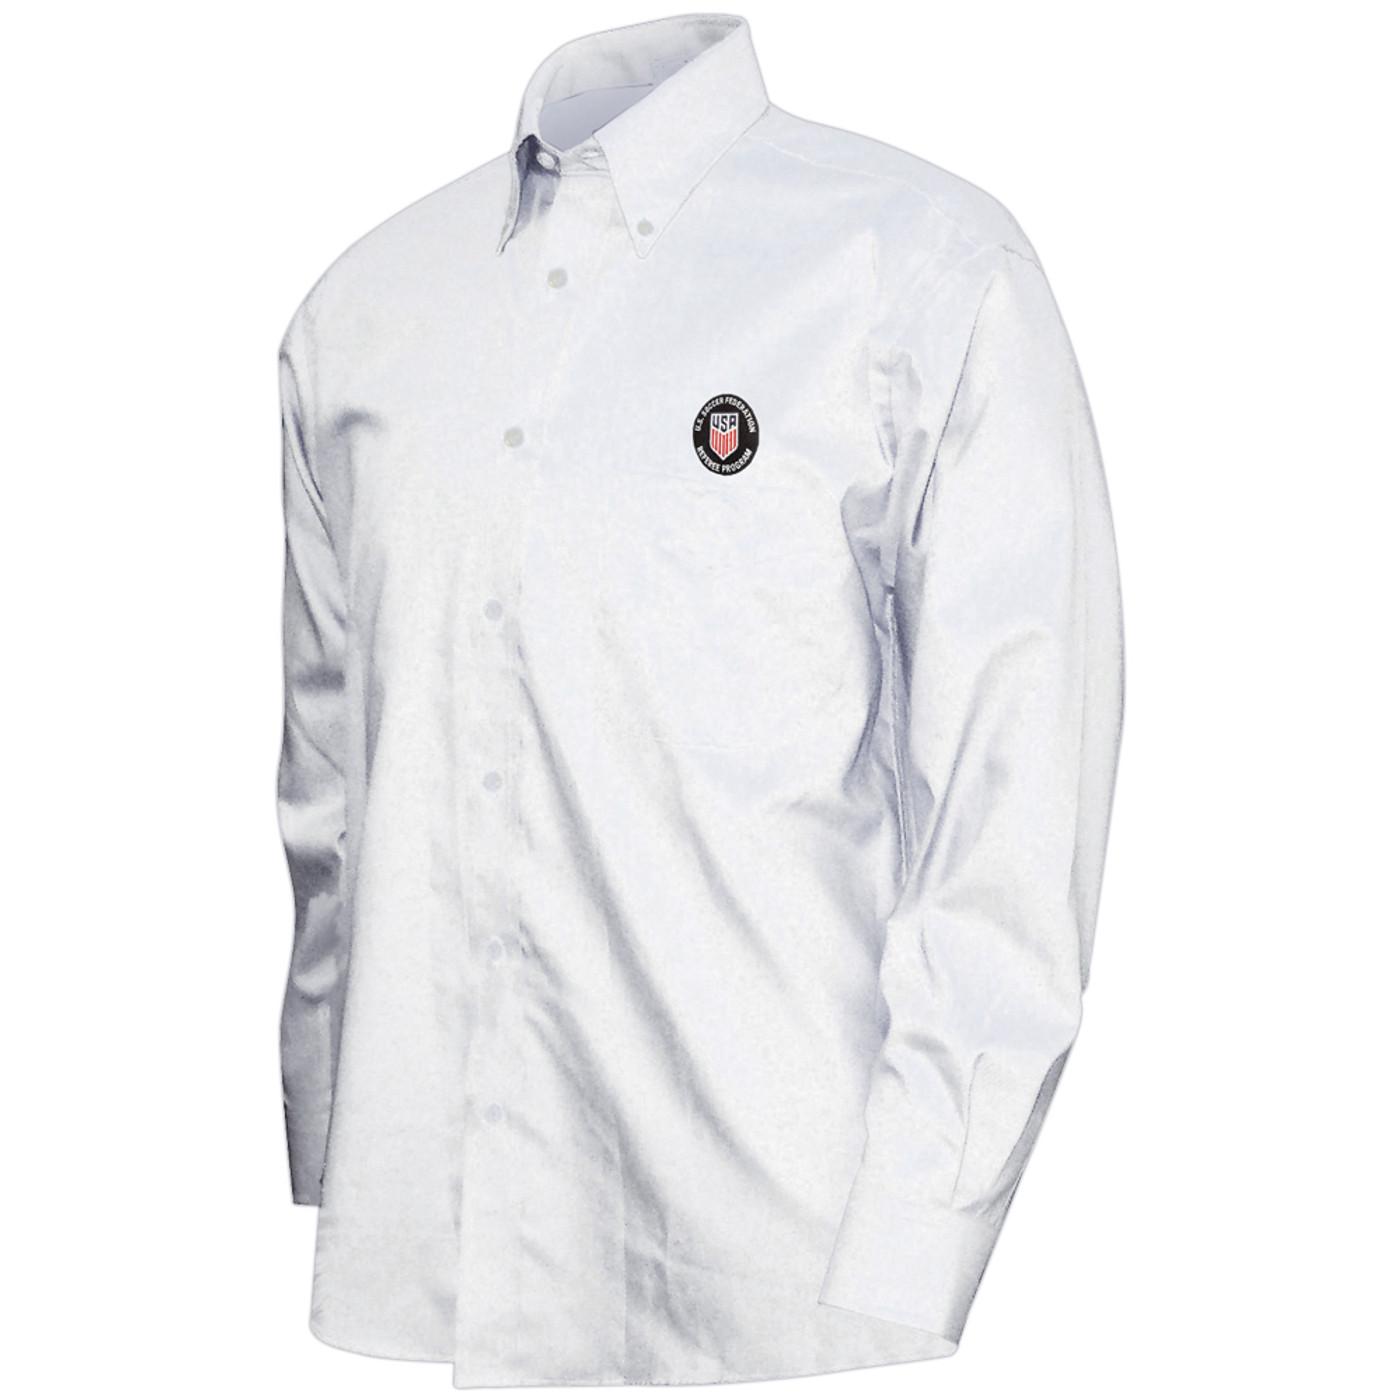 2061CL Official U.S. Soccer Dress Shirt